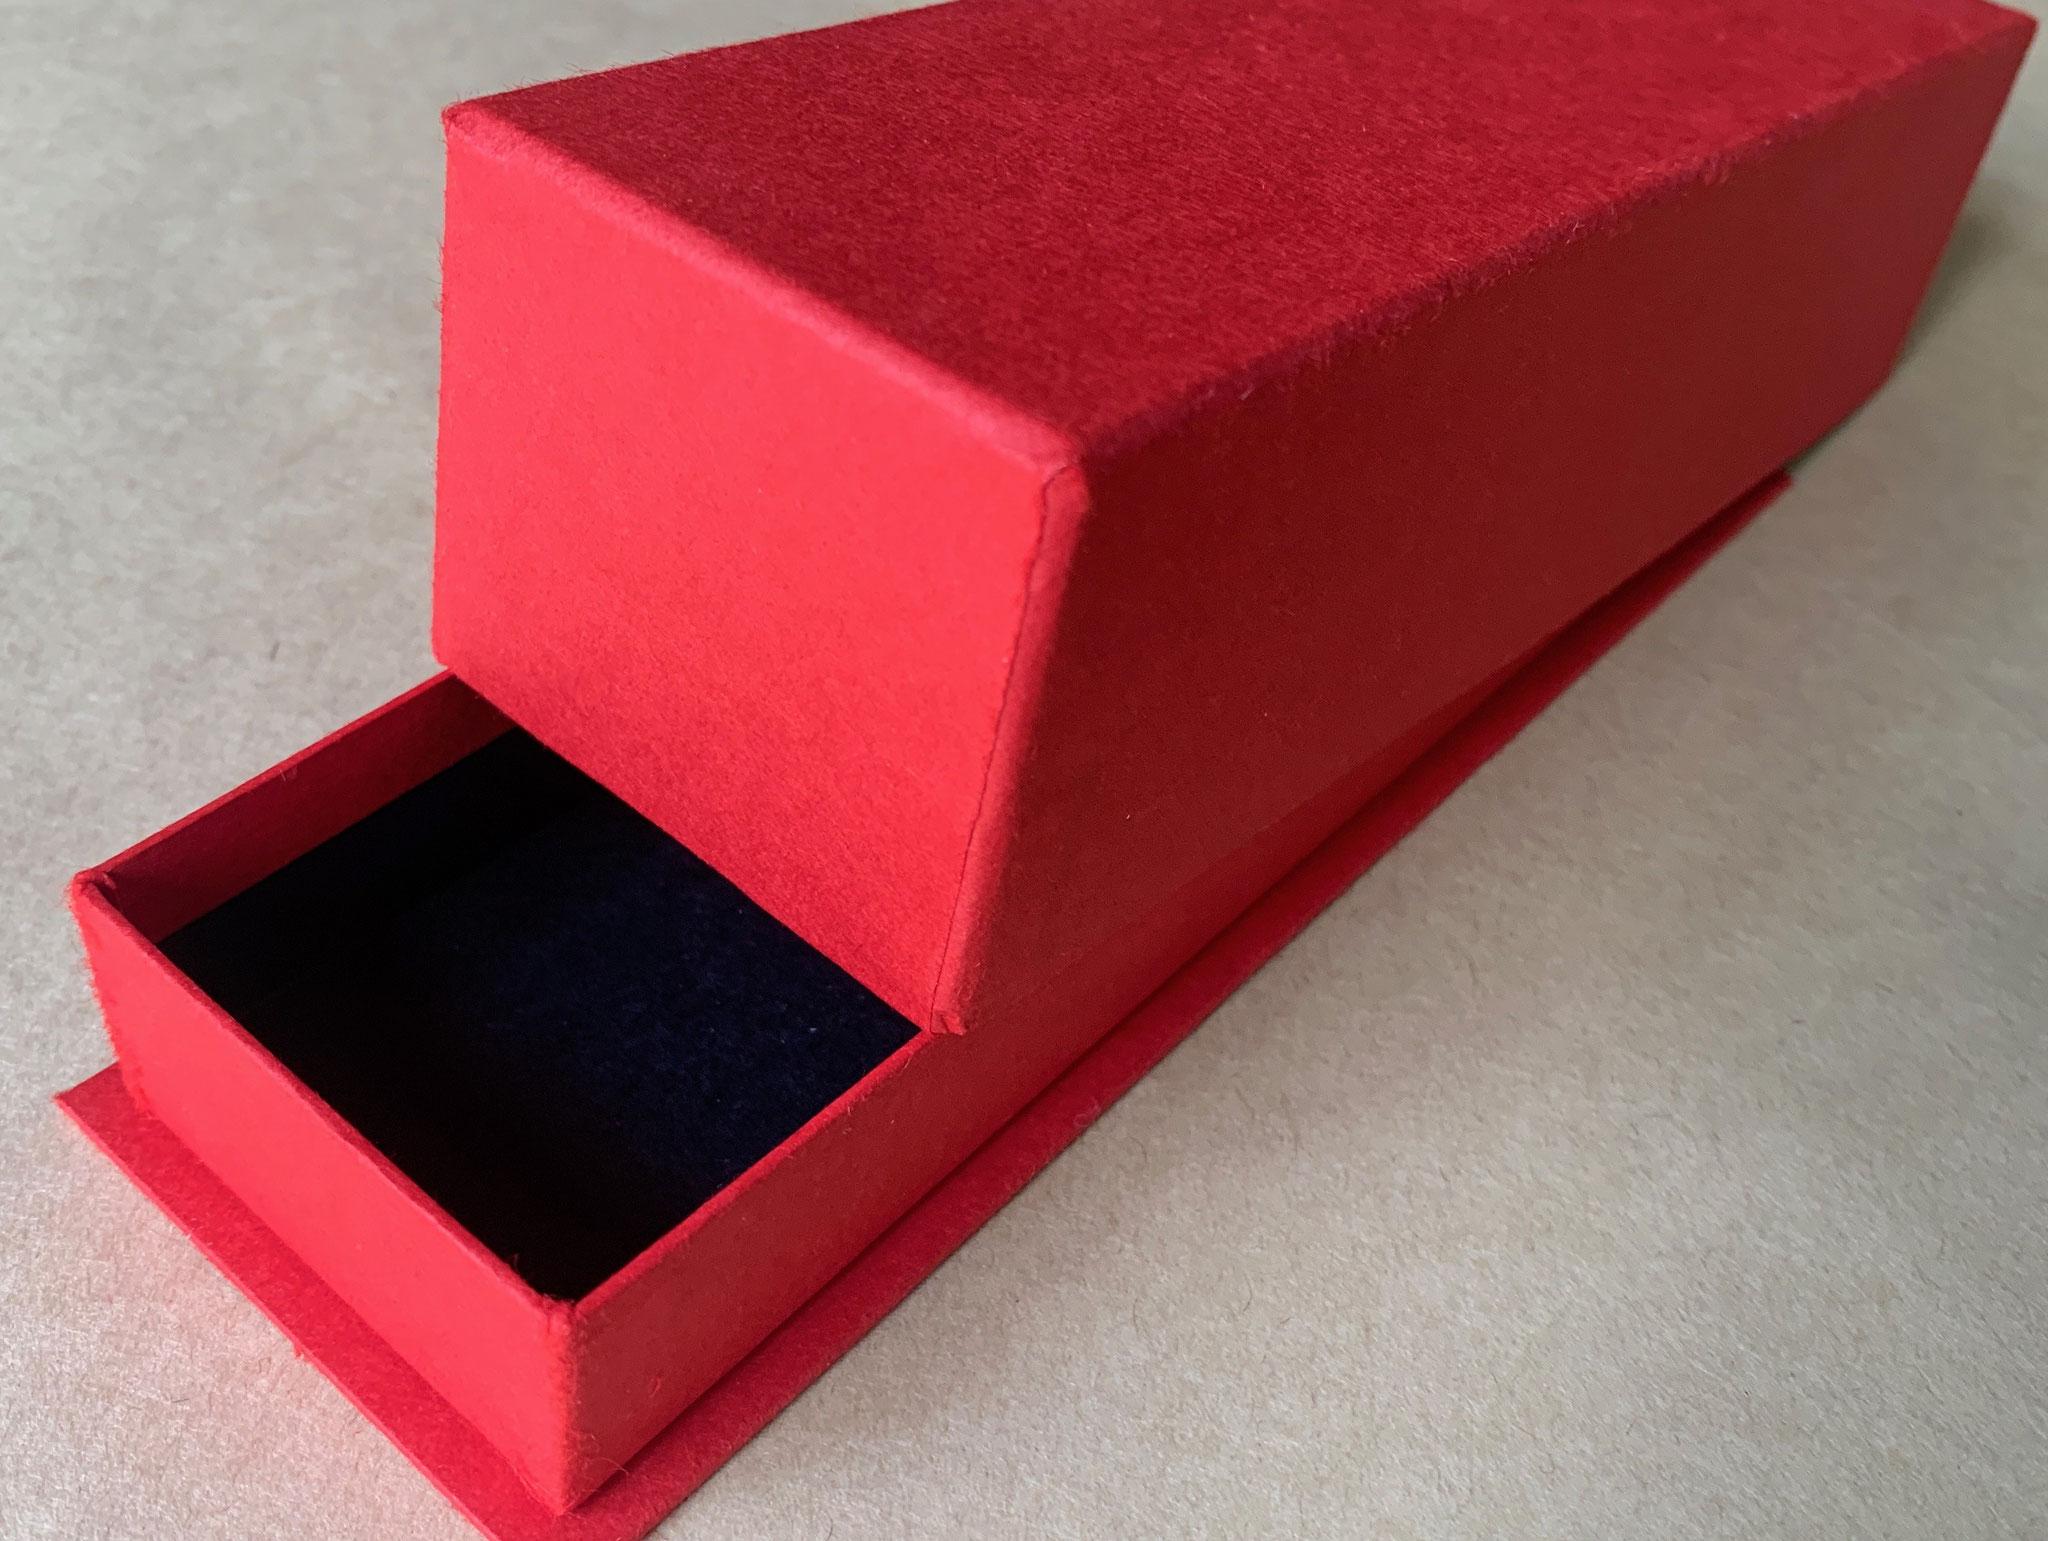 新商品を演出する貼り箱は手加工で仕上げています